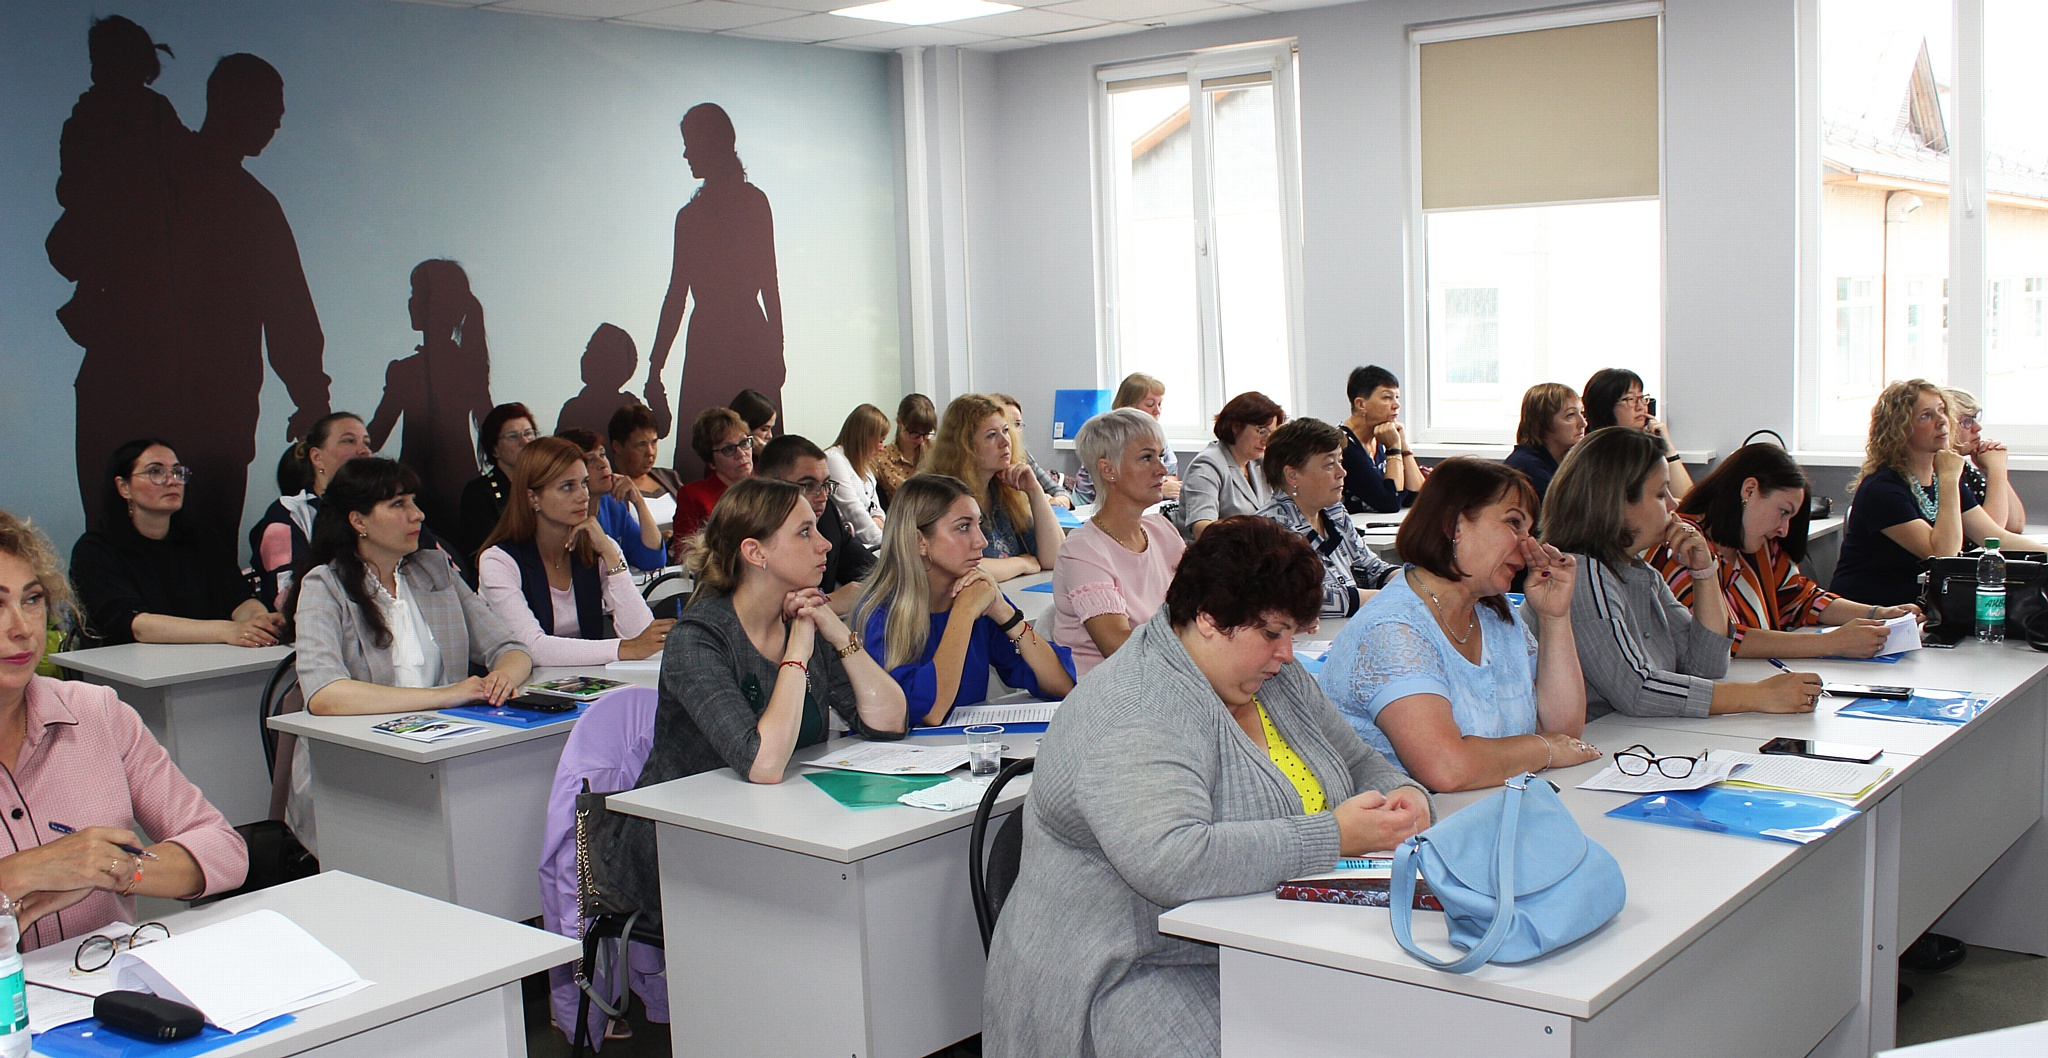 Педсовет Южно-Сахалинска: «Проектируем урок, где каждый будет учиться самостоятельно»